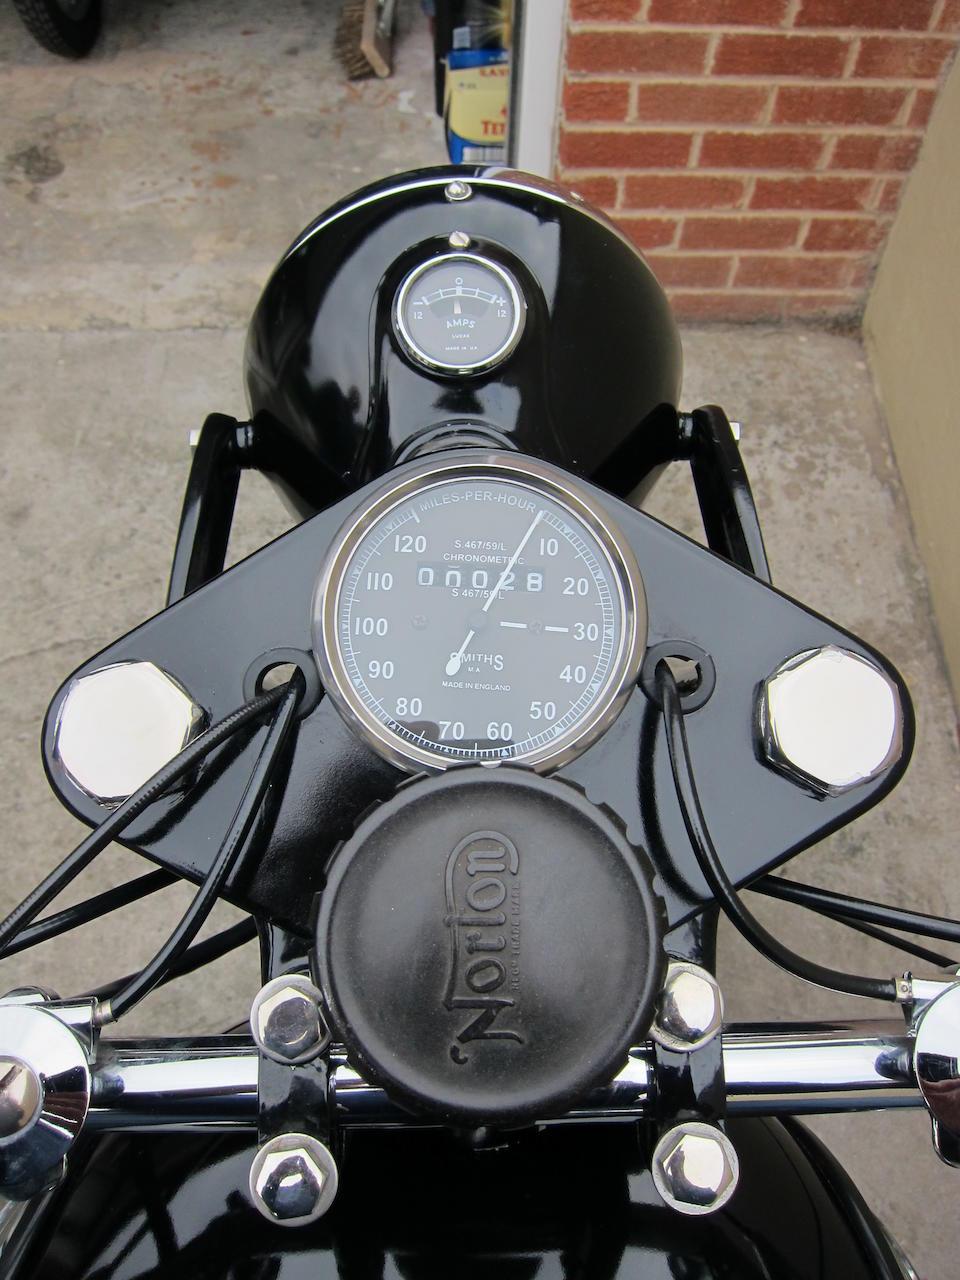 1953/1958 Norton 350cc ES2/Model 50 Frame no. H4 51066 Engine no. 76770 N13